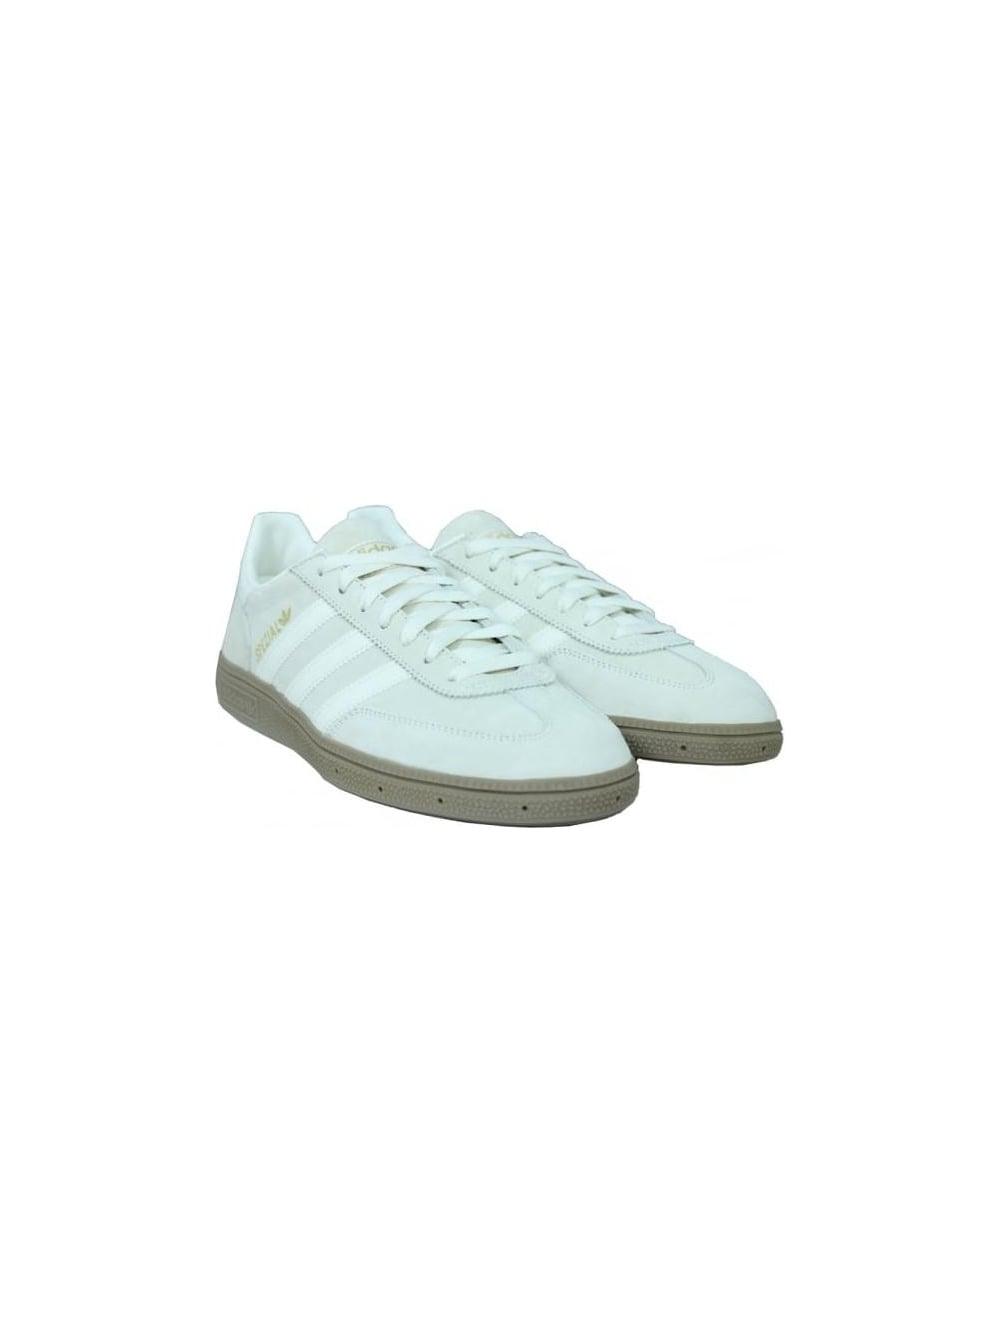 adidas Spezial in Cream White